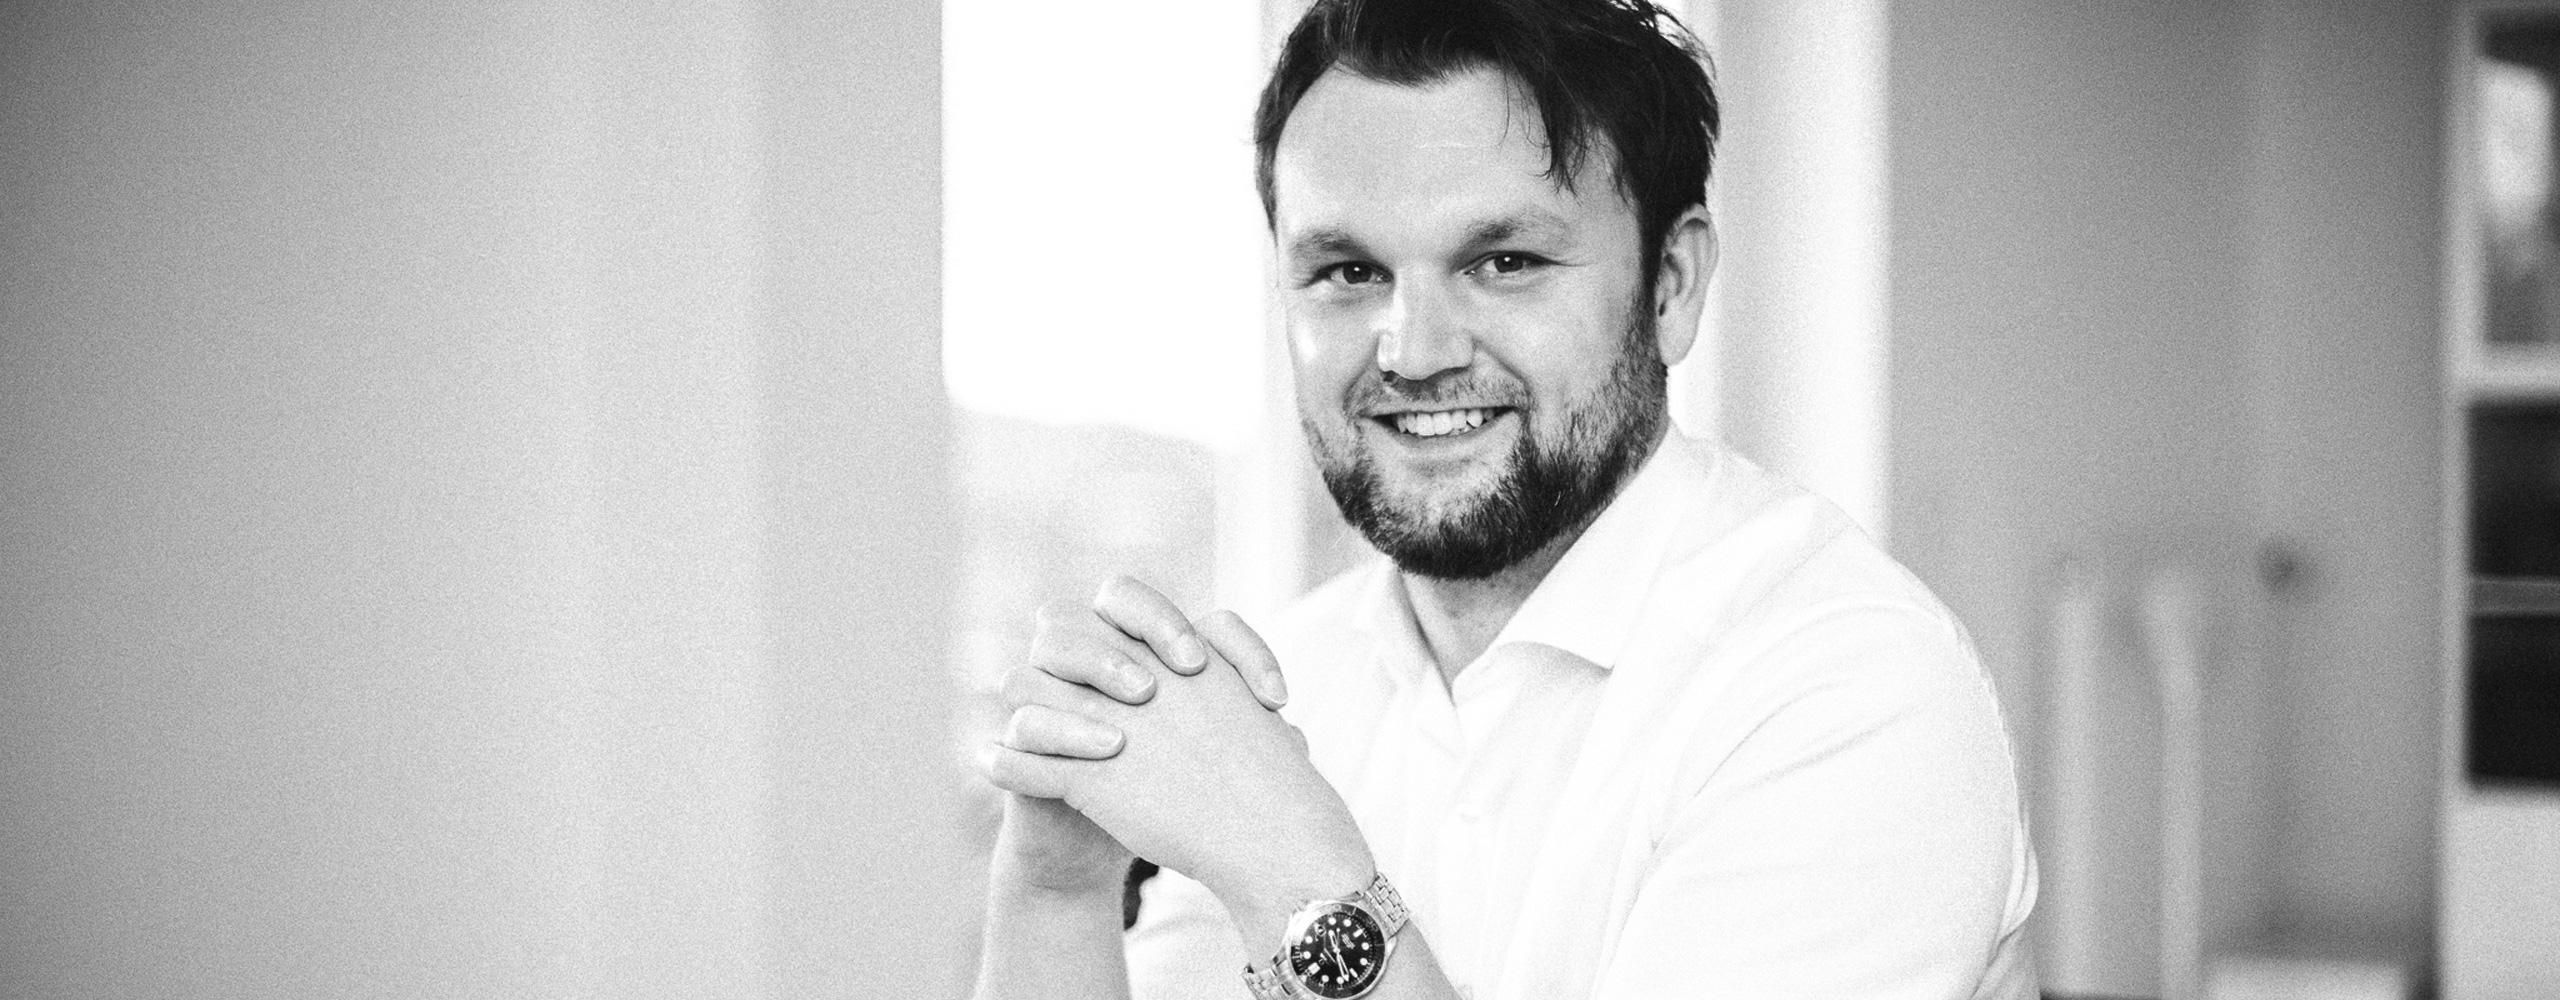 Marco Zachskorn Persönliches & Privates